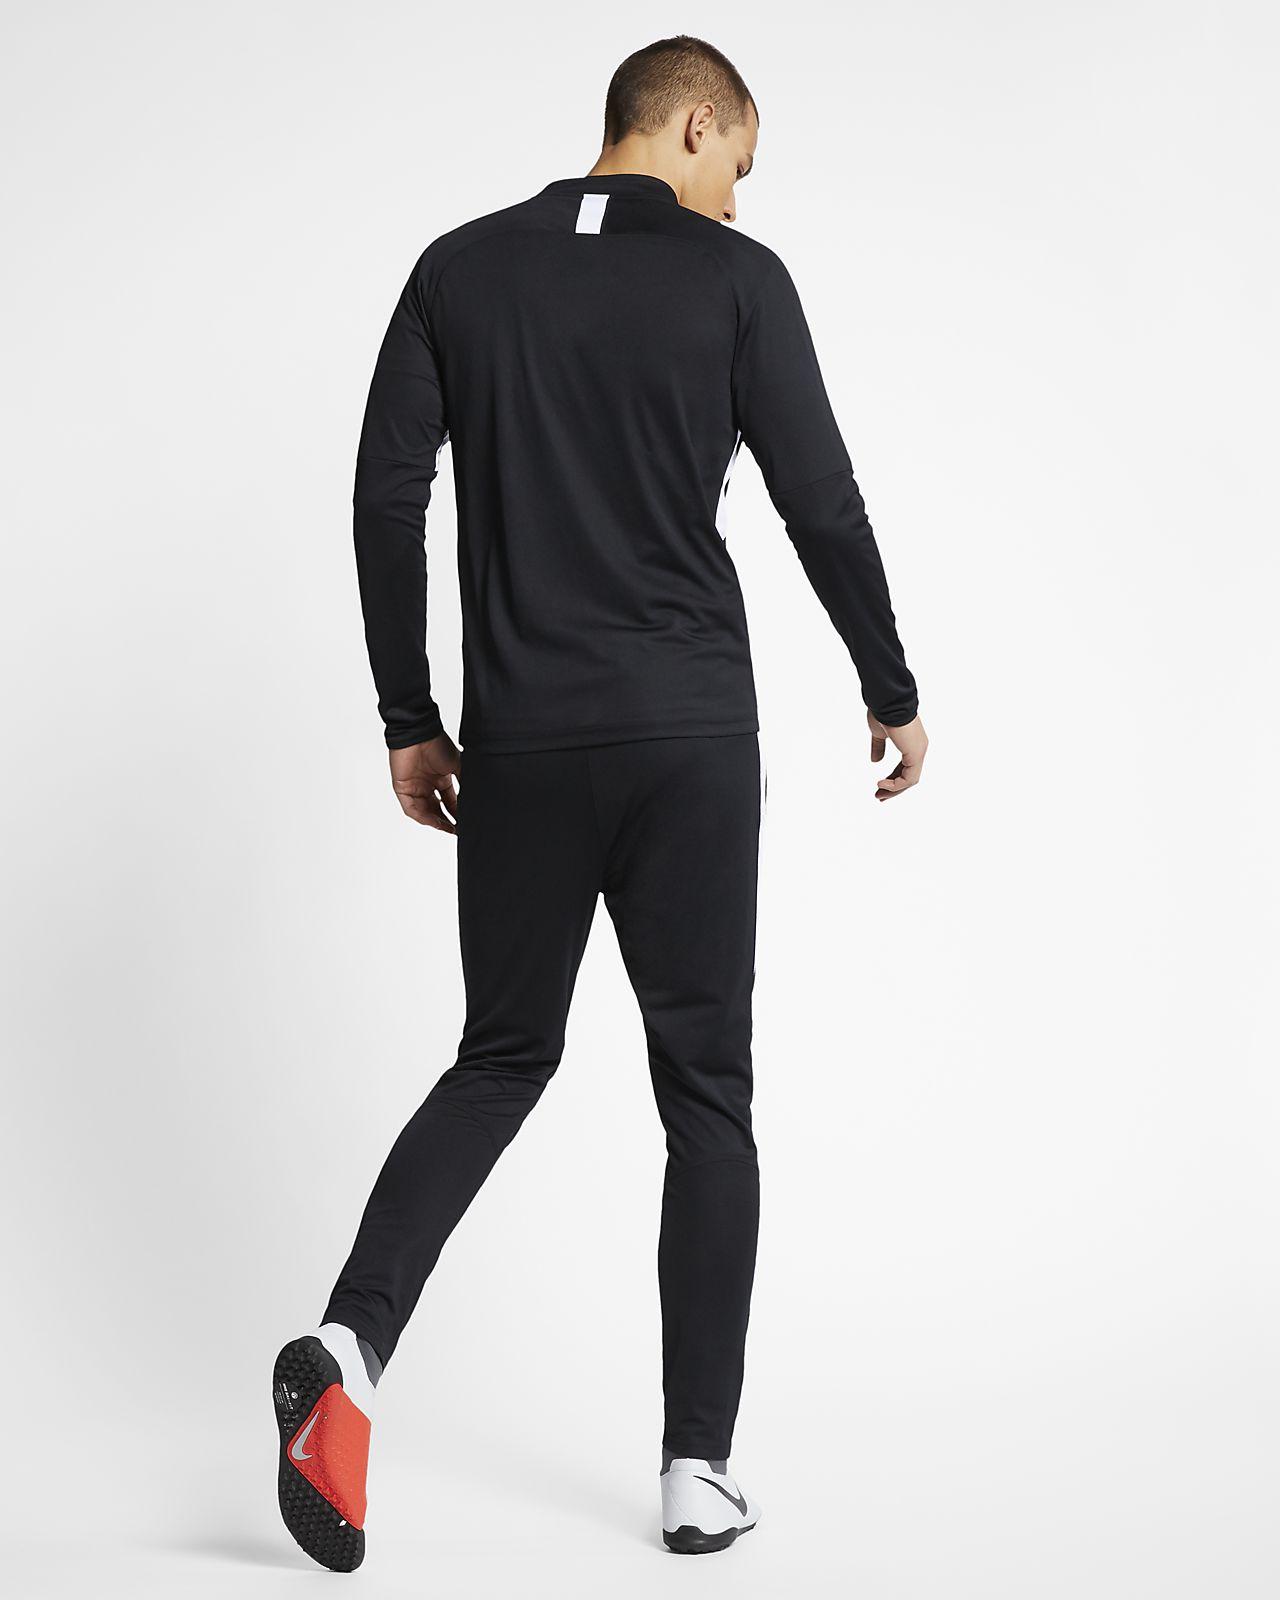 Nike Dri FIT Academy Voetbaltrainingspak voor heren